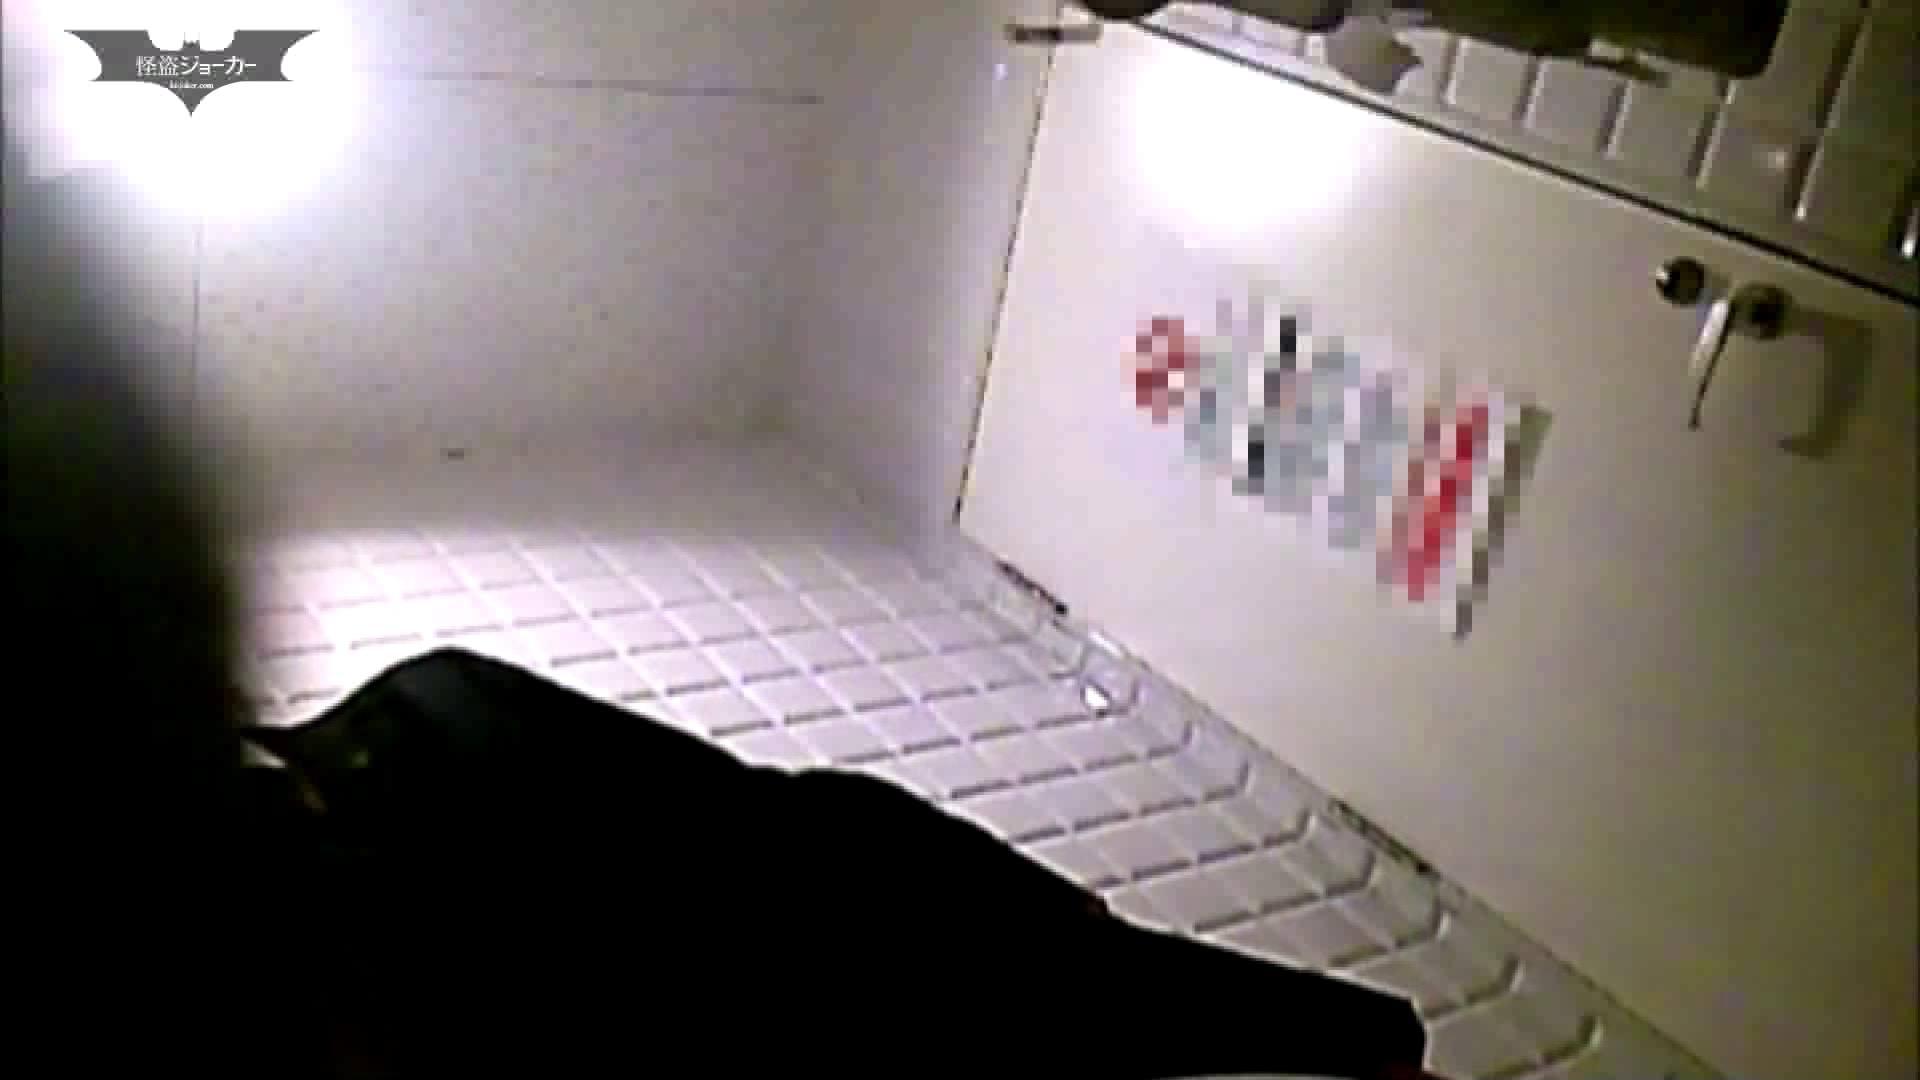 店長代理の盗撮録 Vol.02 制服ばかりをあつめてみました。その2 制服  67Pix 13